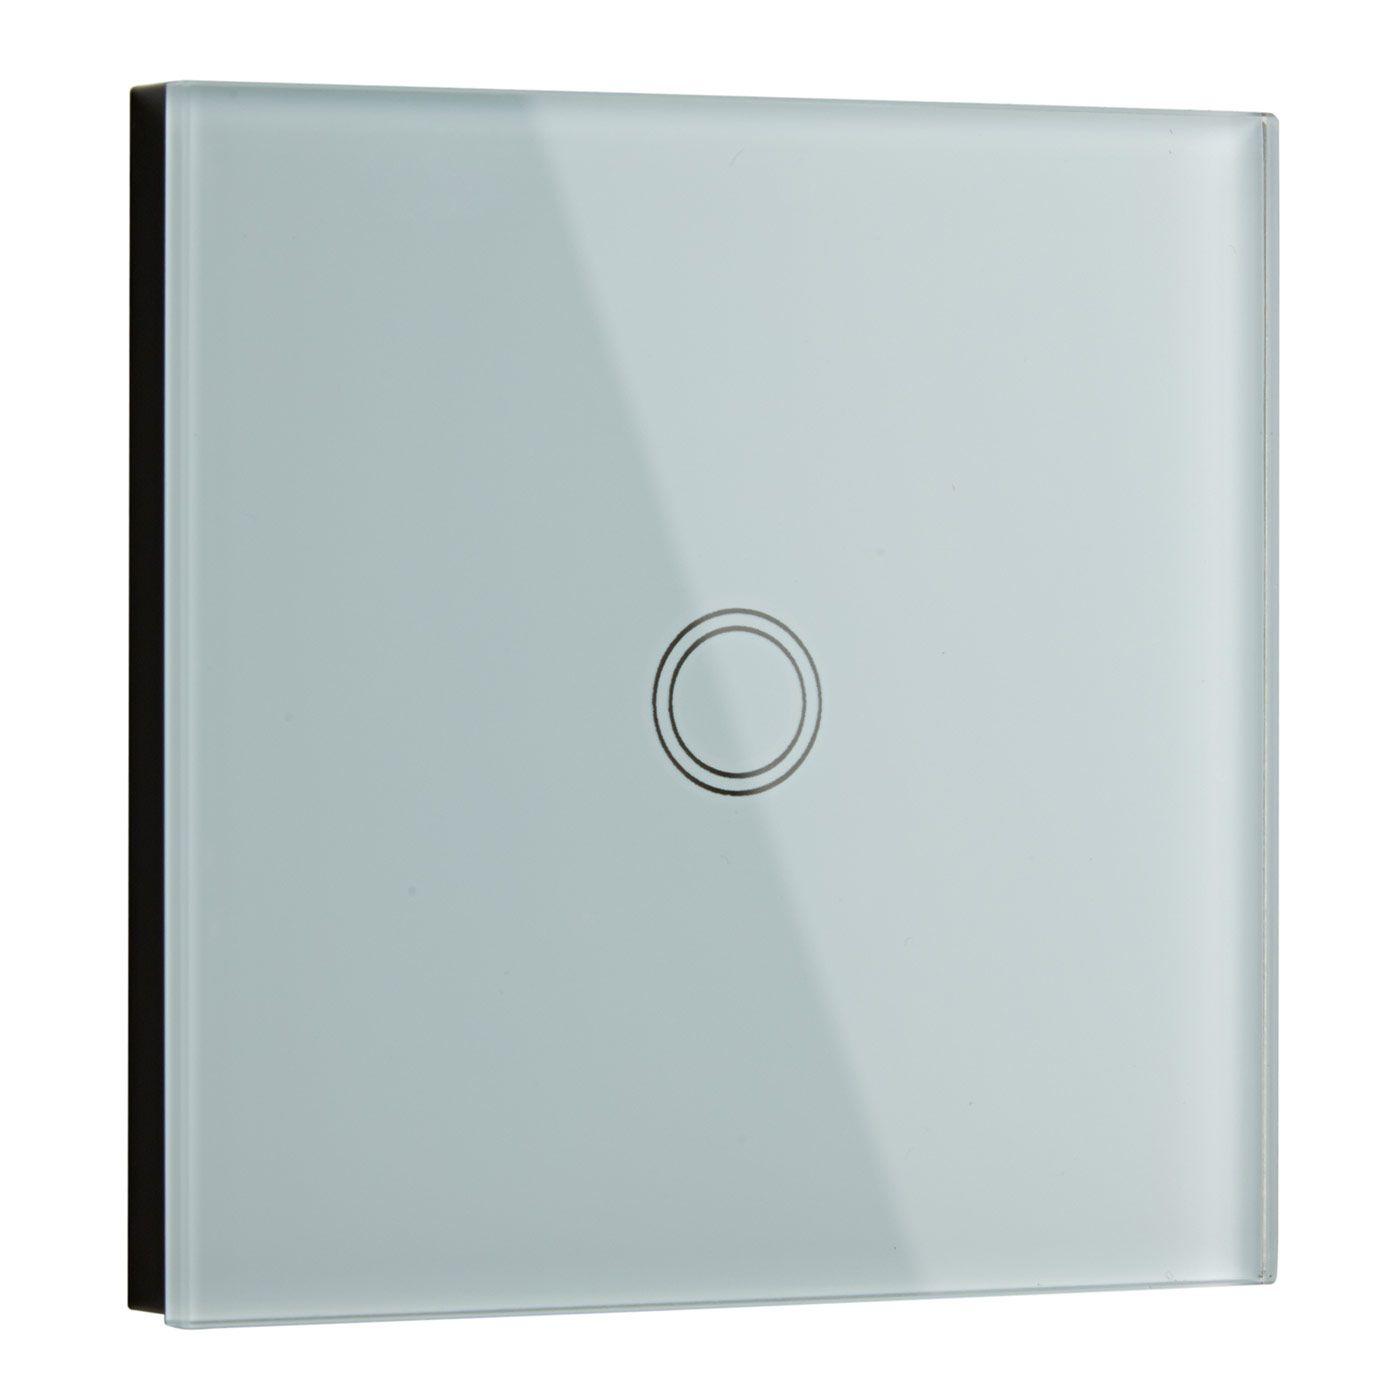 Biard Interruptor de Diseño de Pared Blanco con Panel Posterior Redondo